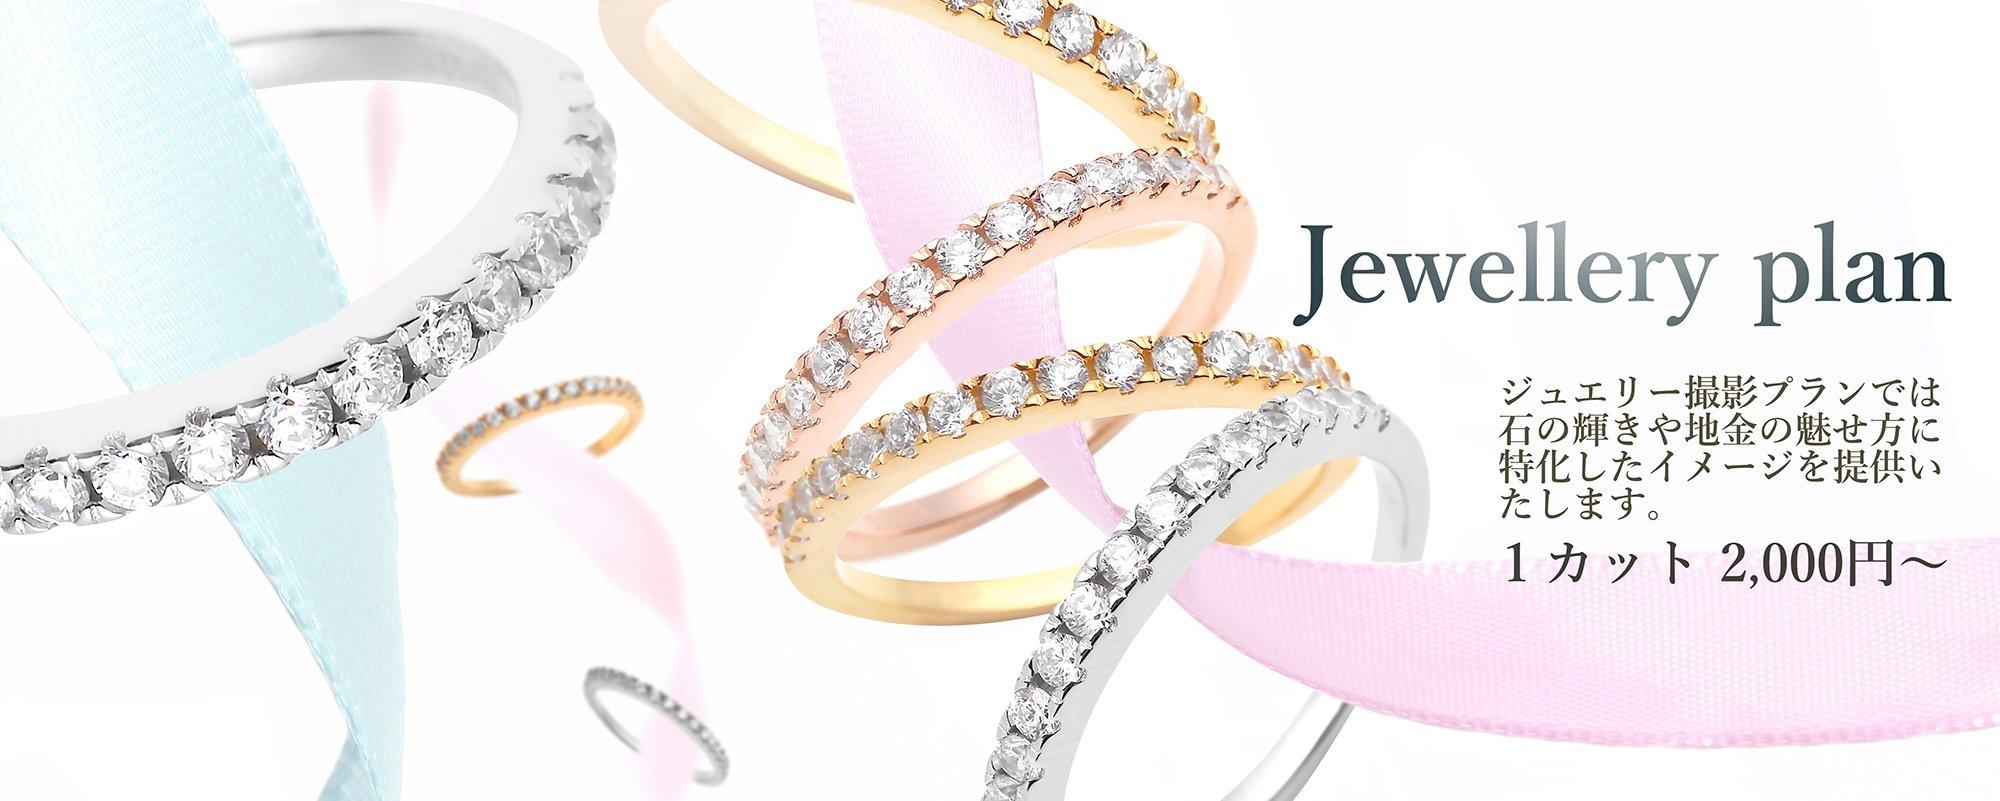 Jewelryplan ジュエリー撮影プランでは石の輝きや地金の魅せ方に特化したイメージを提供致します。1カット2,000円